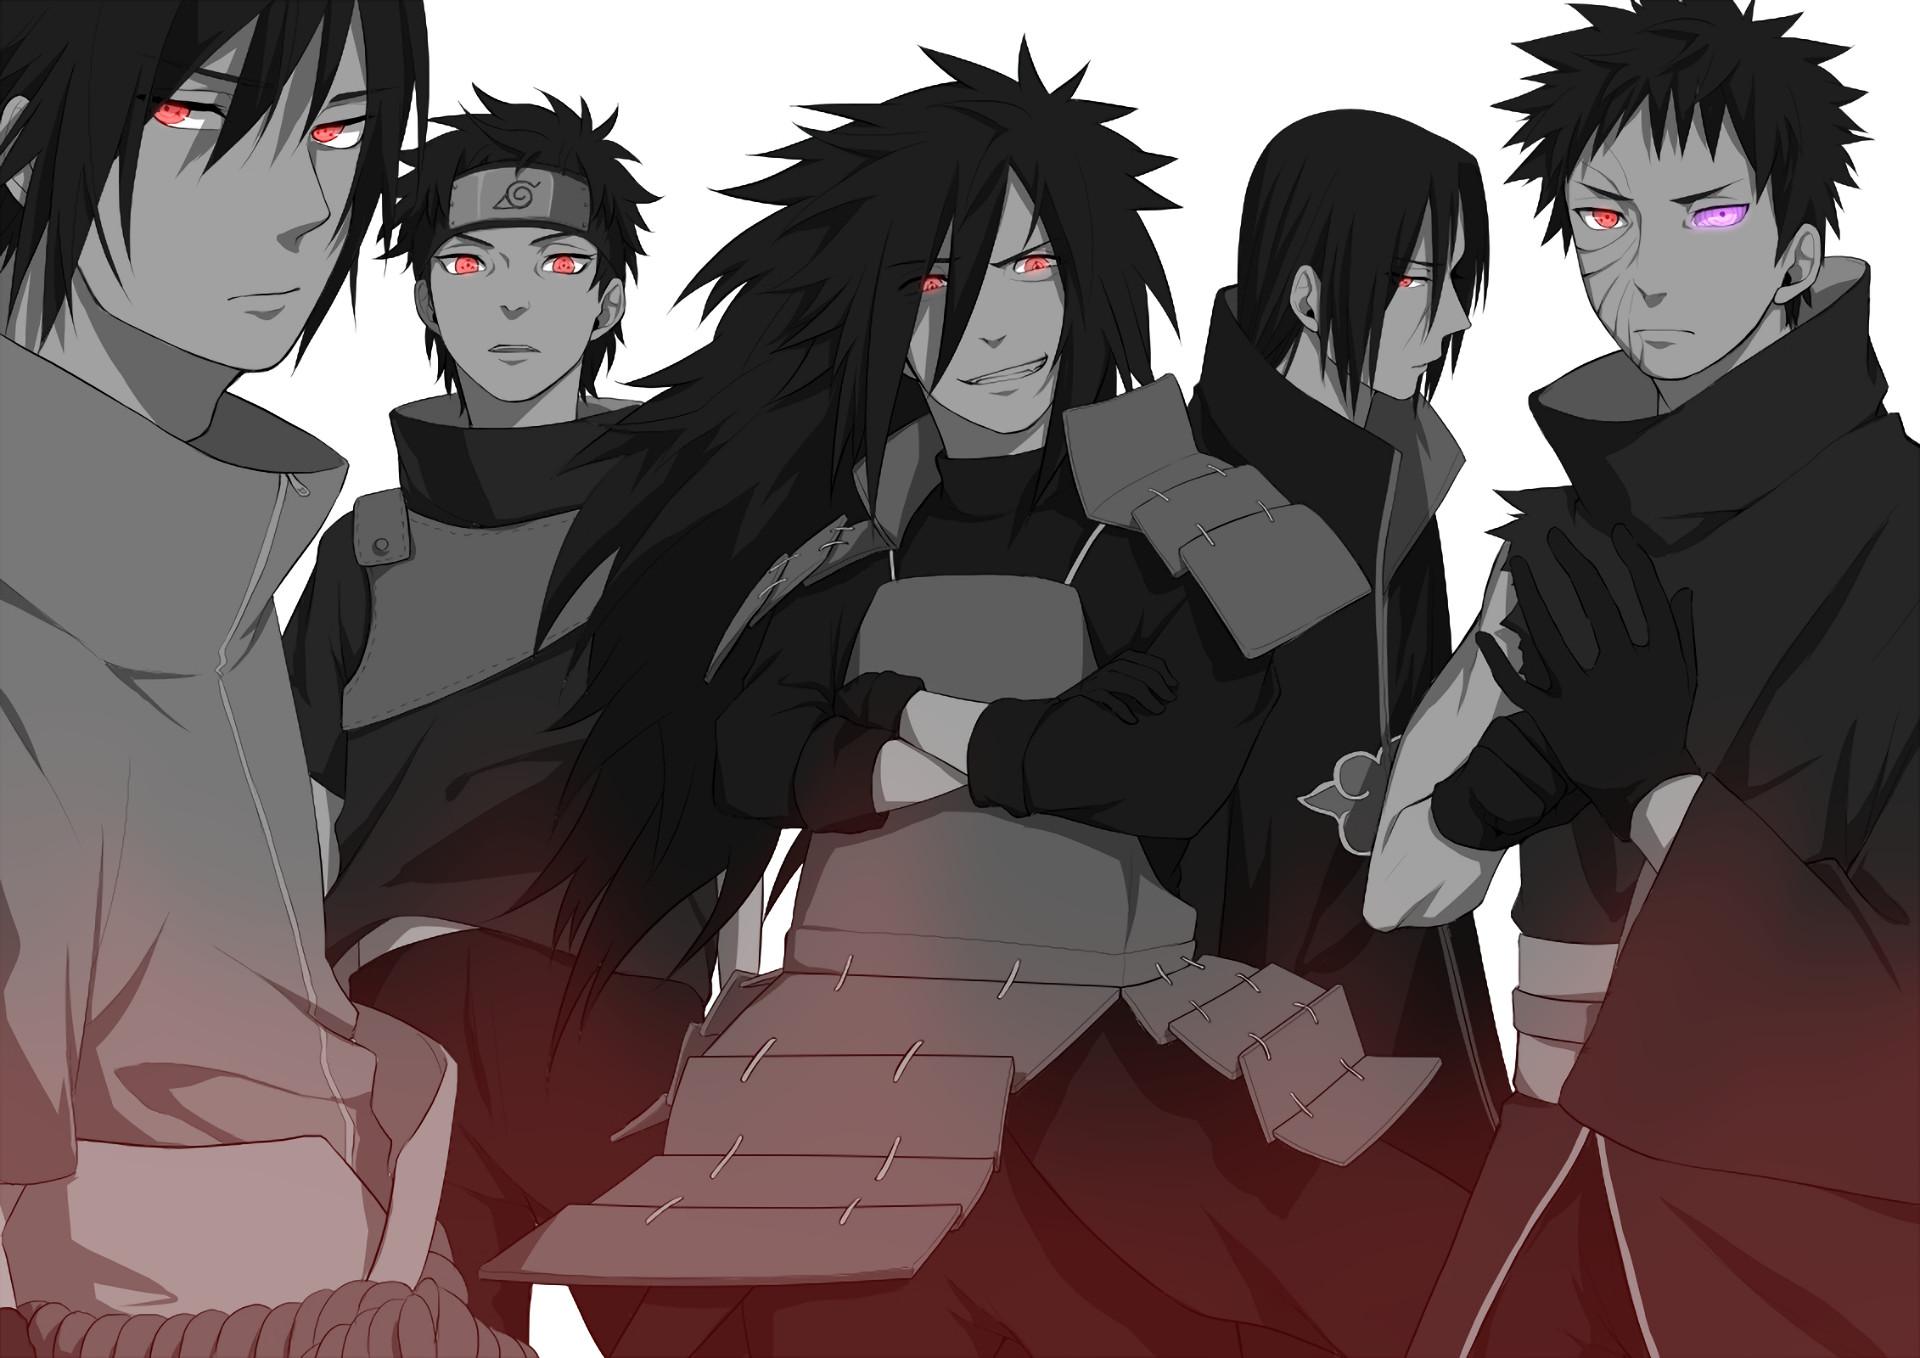 Anime – Naruto Itachi Uchiha Madara Uchiha Obito Uchiha Shisui Uchiha  Sasuke Uchiha Wallpaper